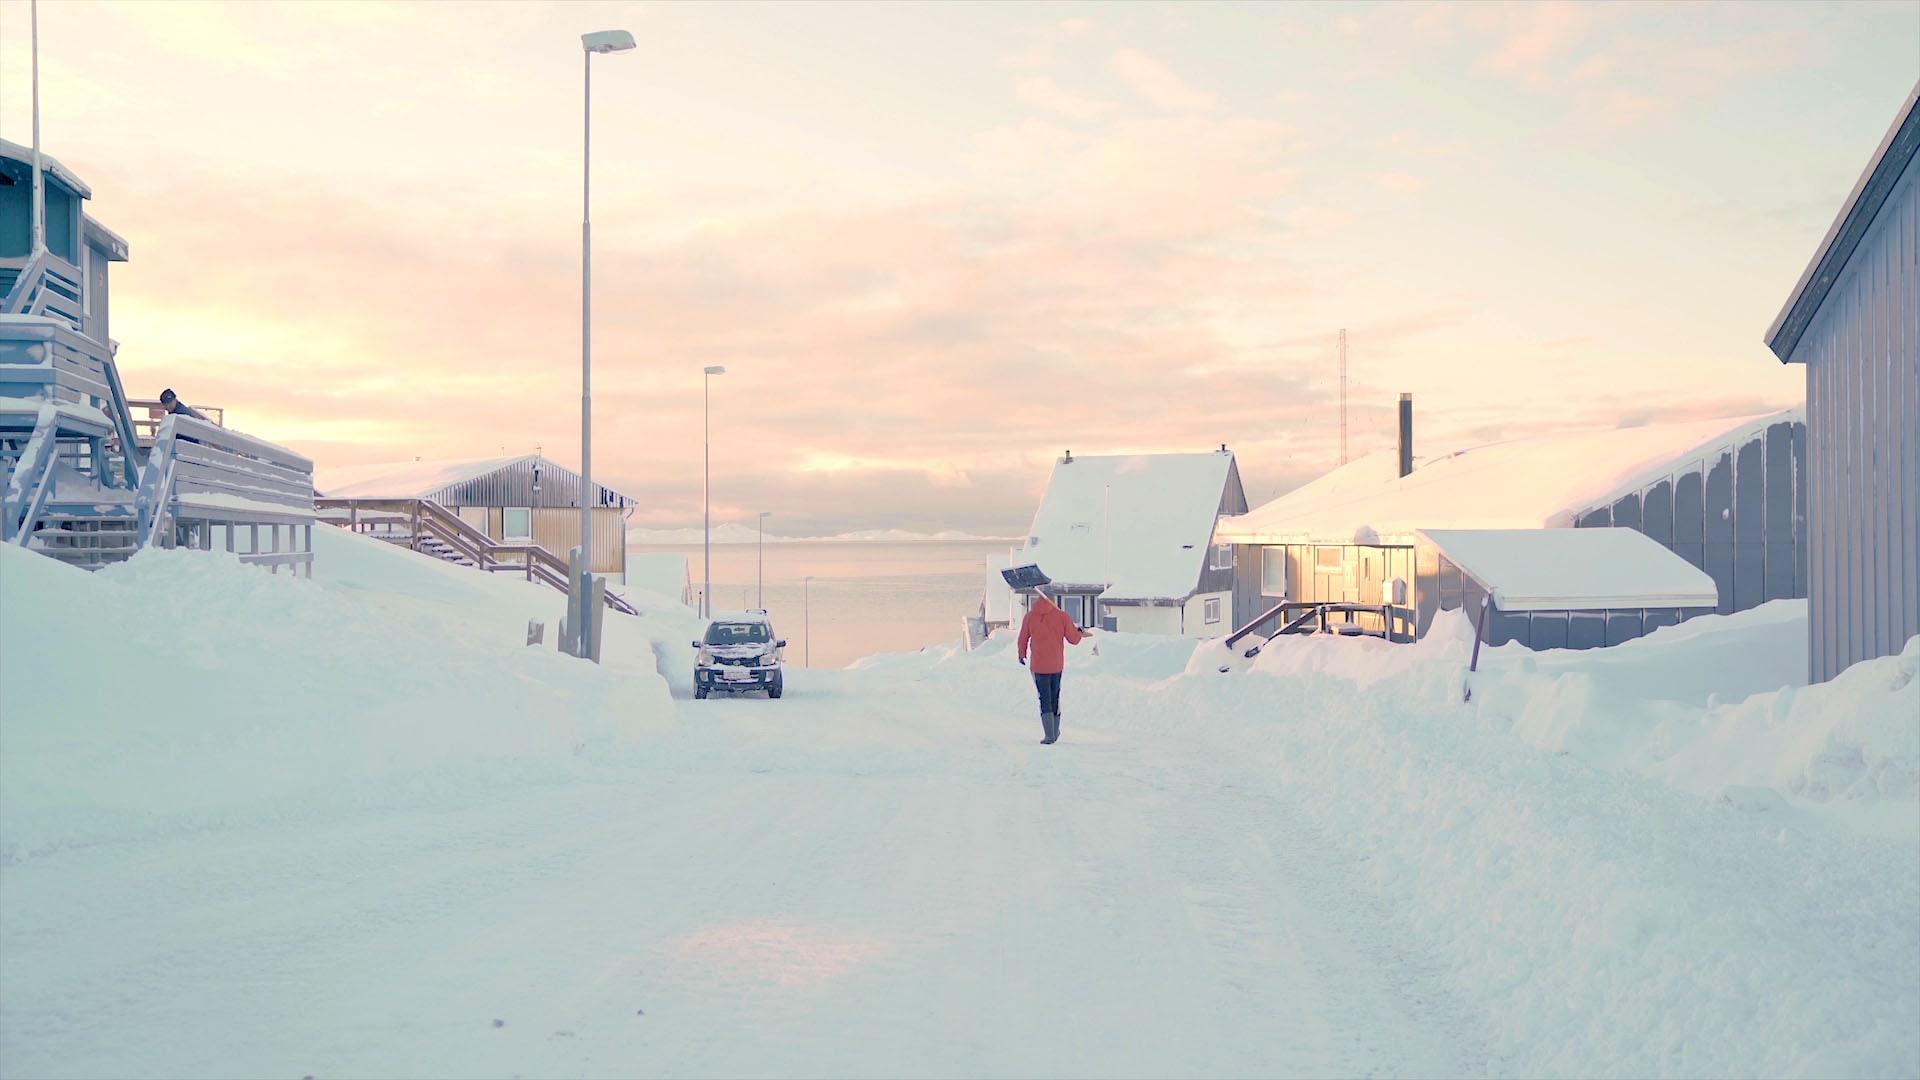 Still from Snow